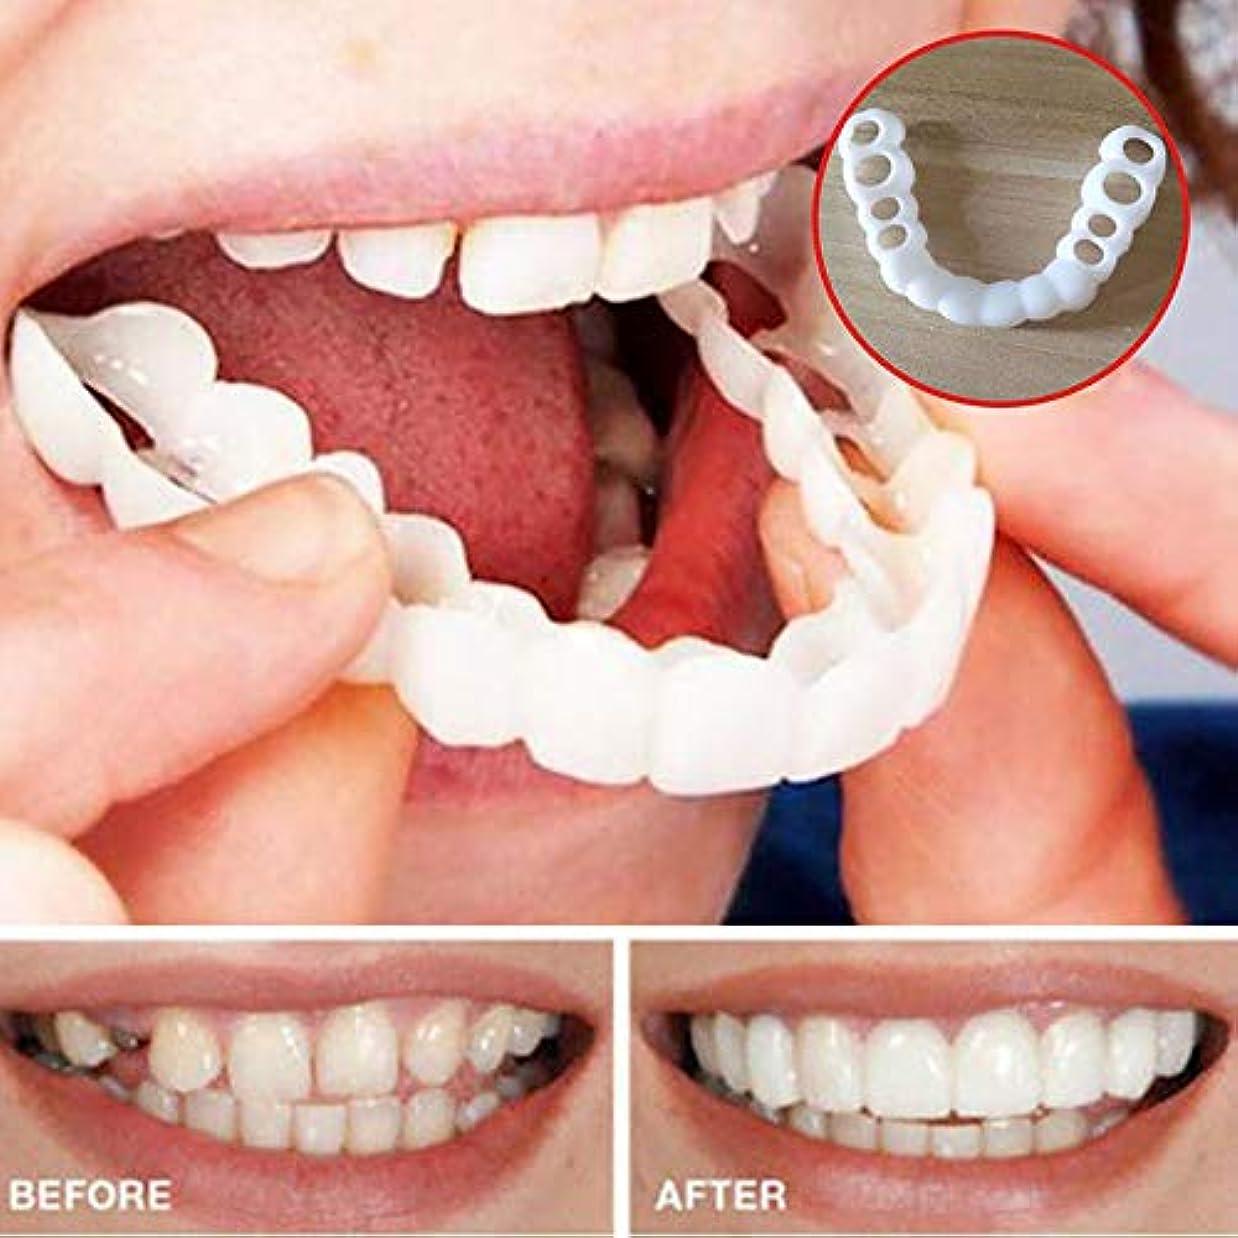 マウスピース月曜徒歩で快適な笑顔義歯カバーフィットFle歯偽ベニアカバー歯ホワイトニングスナップオン笑顔歯化粧品義歯 - 4ペア